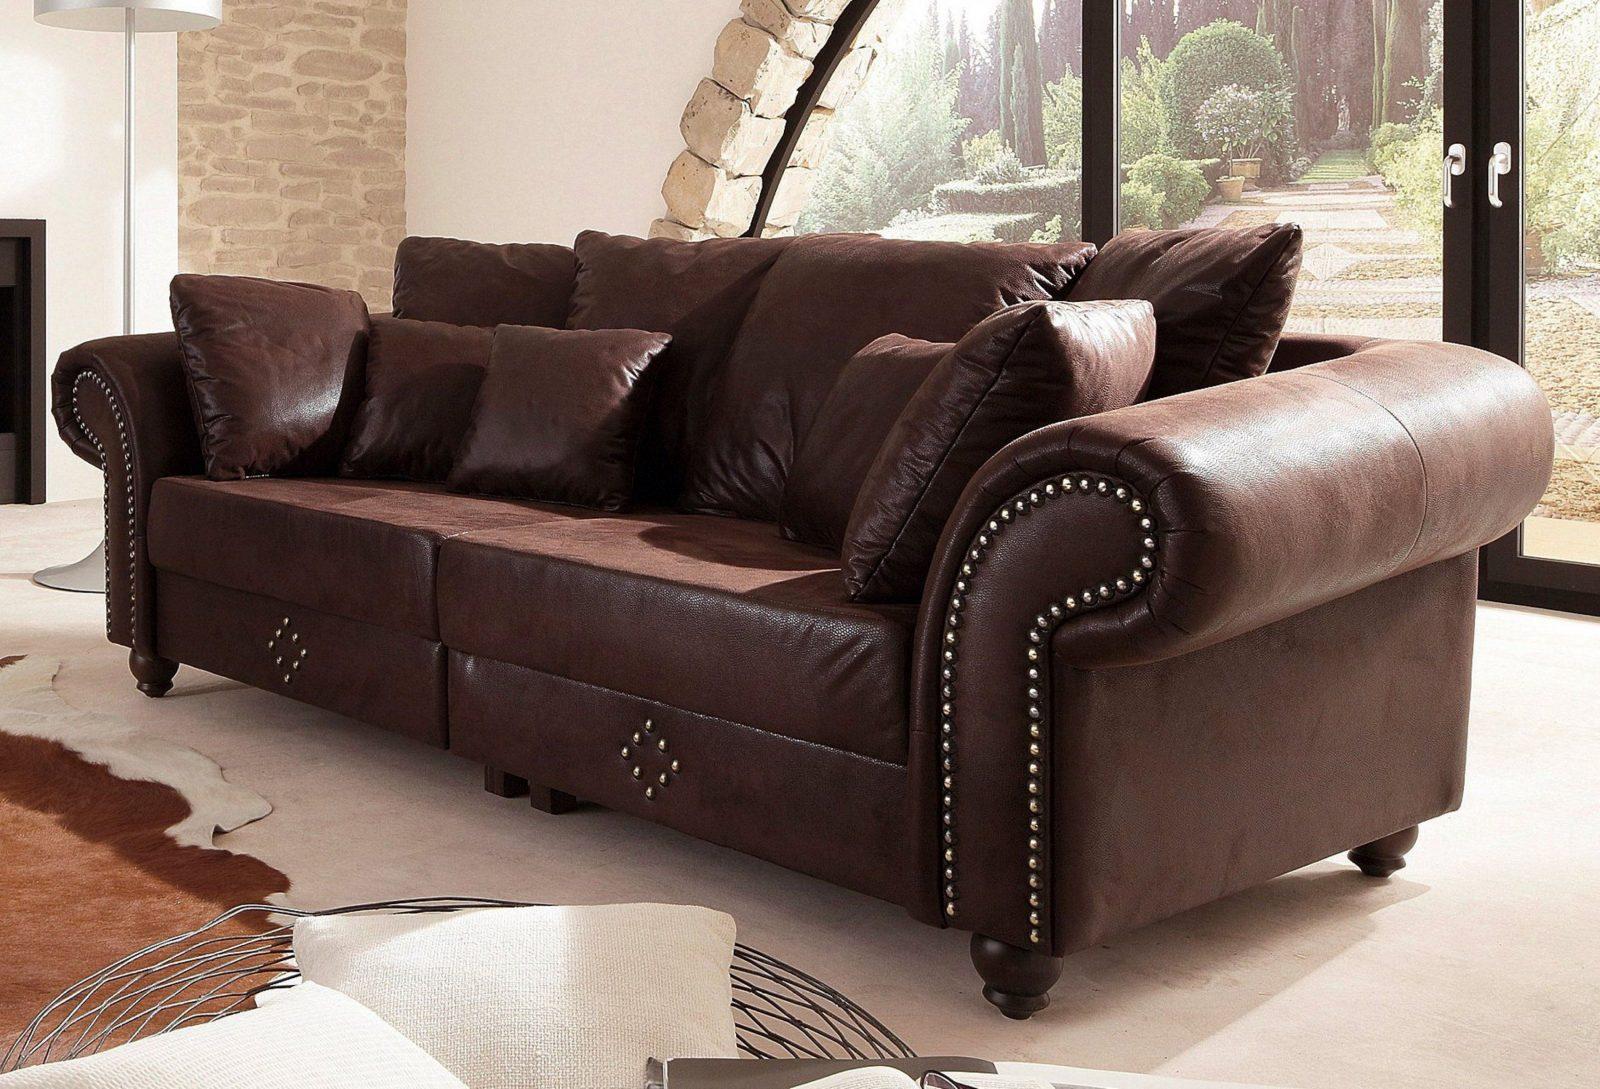 Couch Gesucht Beautiful Galerie Über Couch Gesucht Xxl Big Sofa von Big Sofa Auf Rechnung Bild